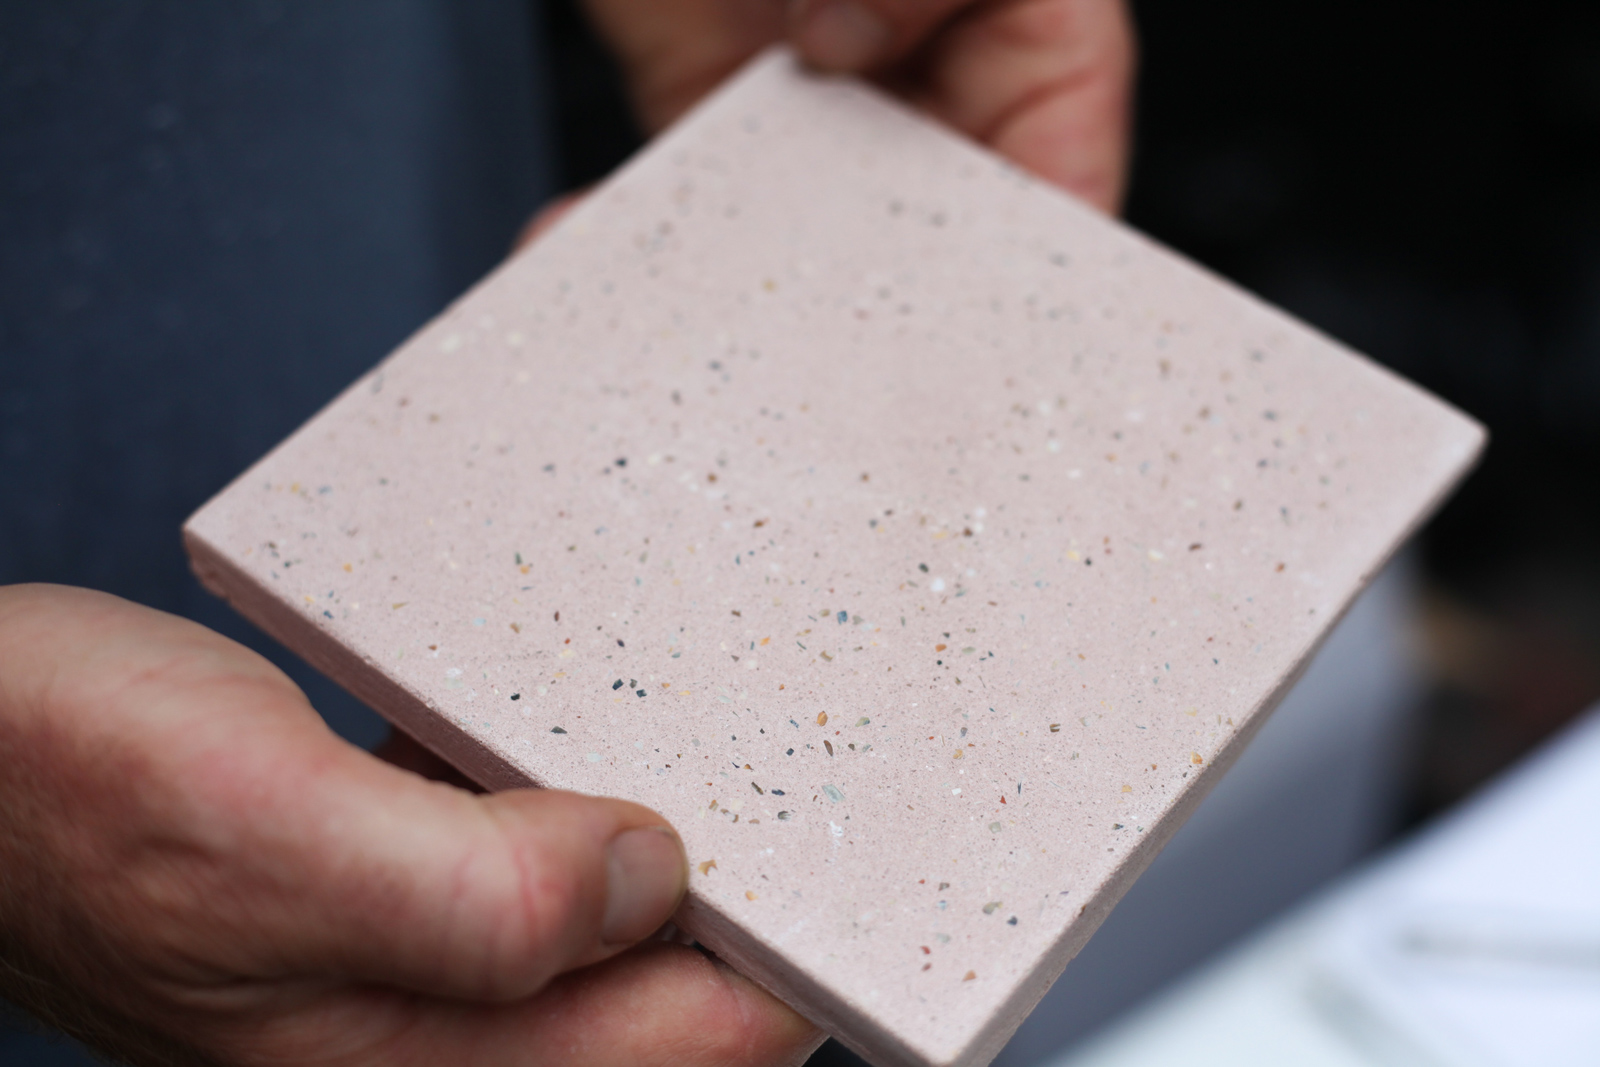 Oyster tile samples